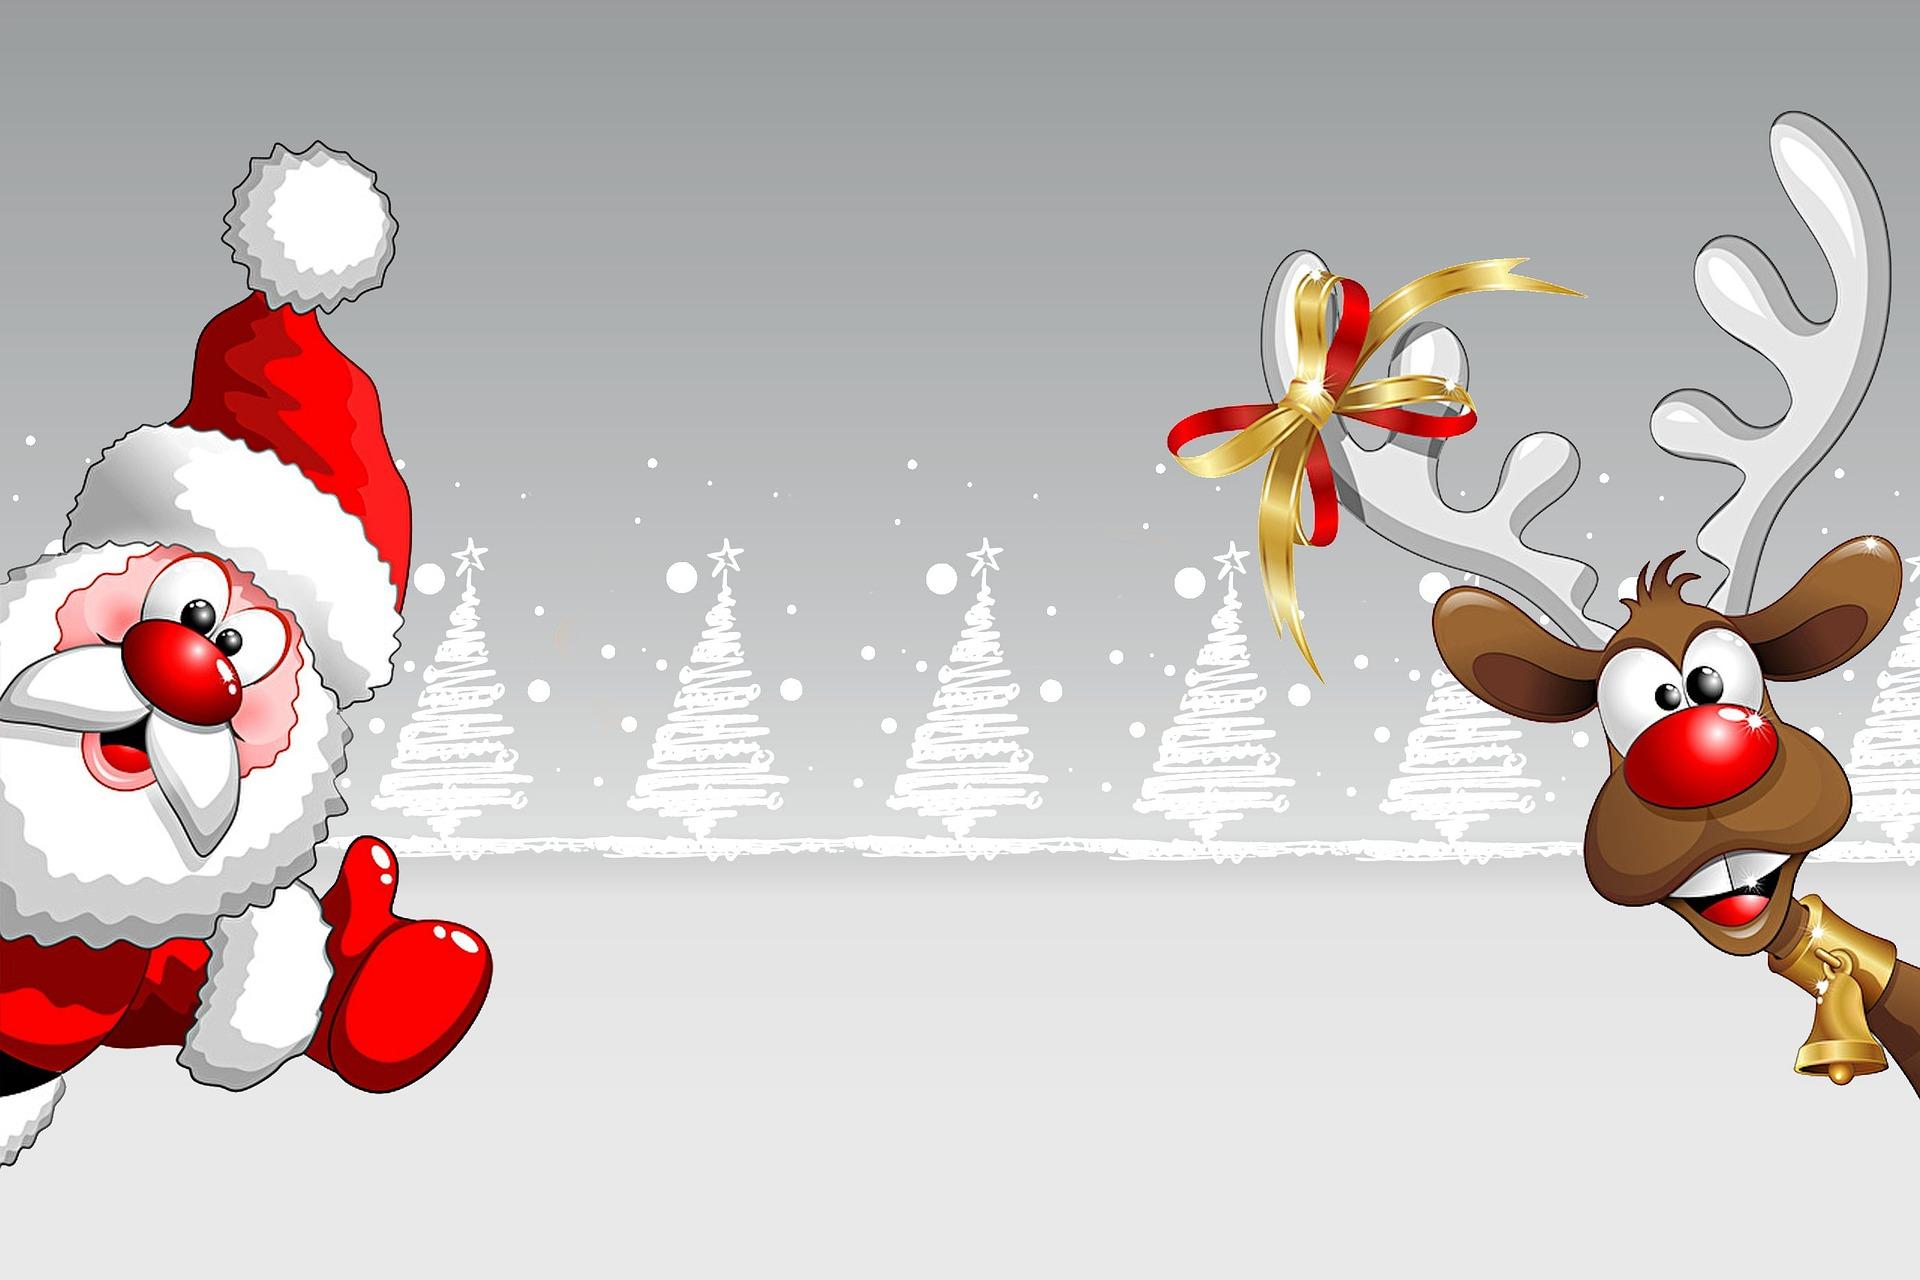 christmas-card-2945633_1920.jpg